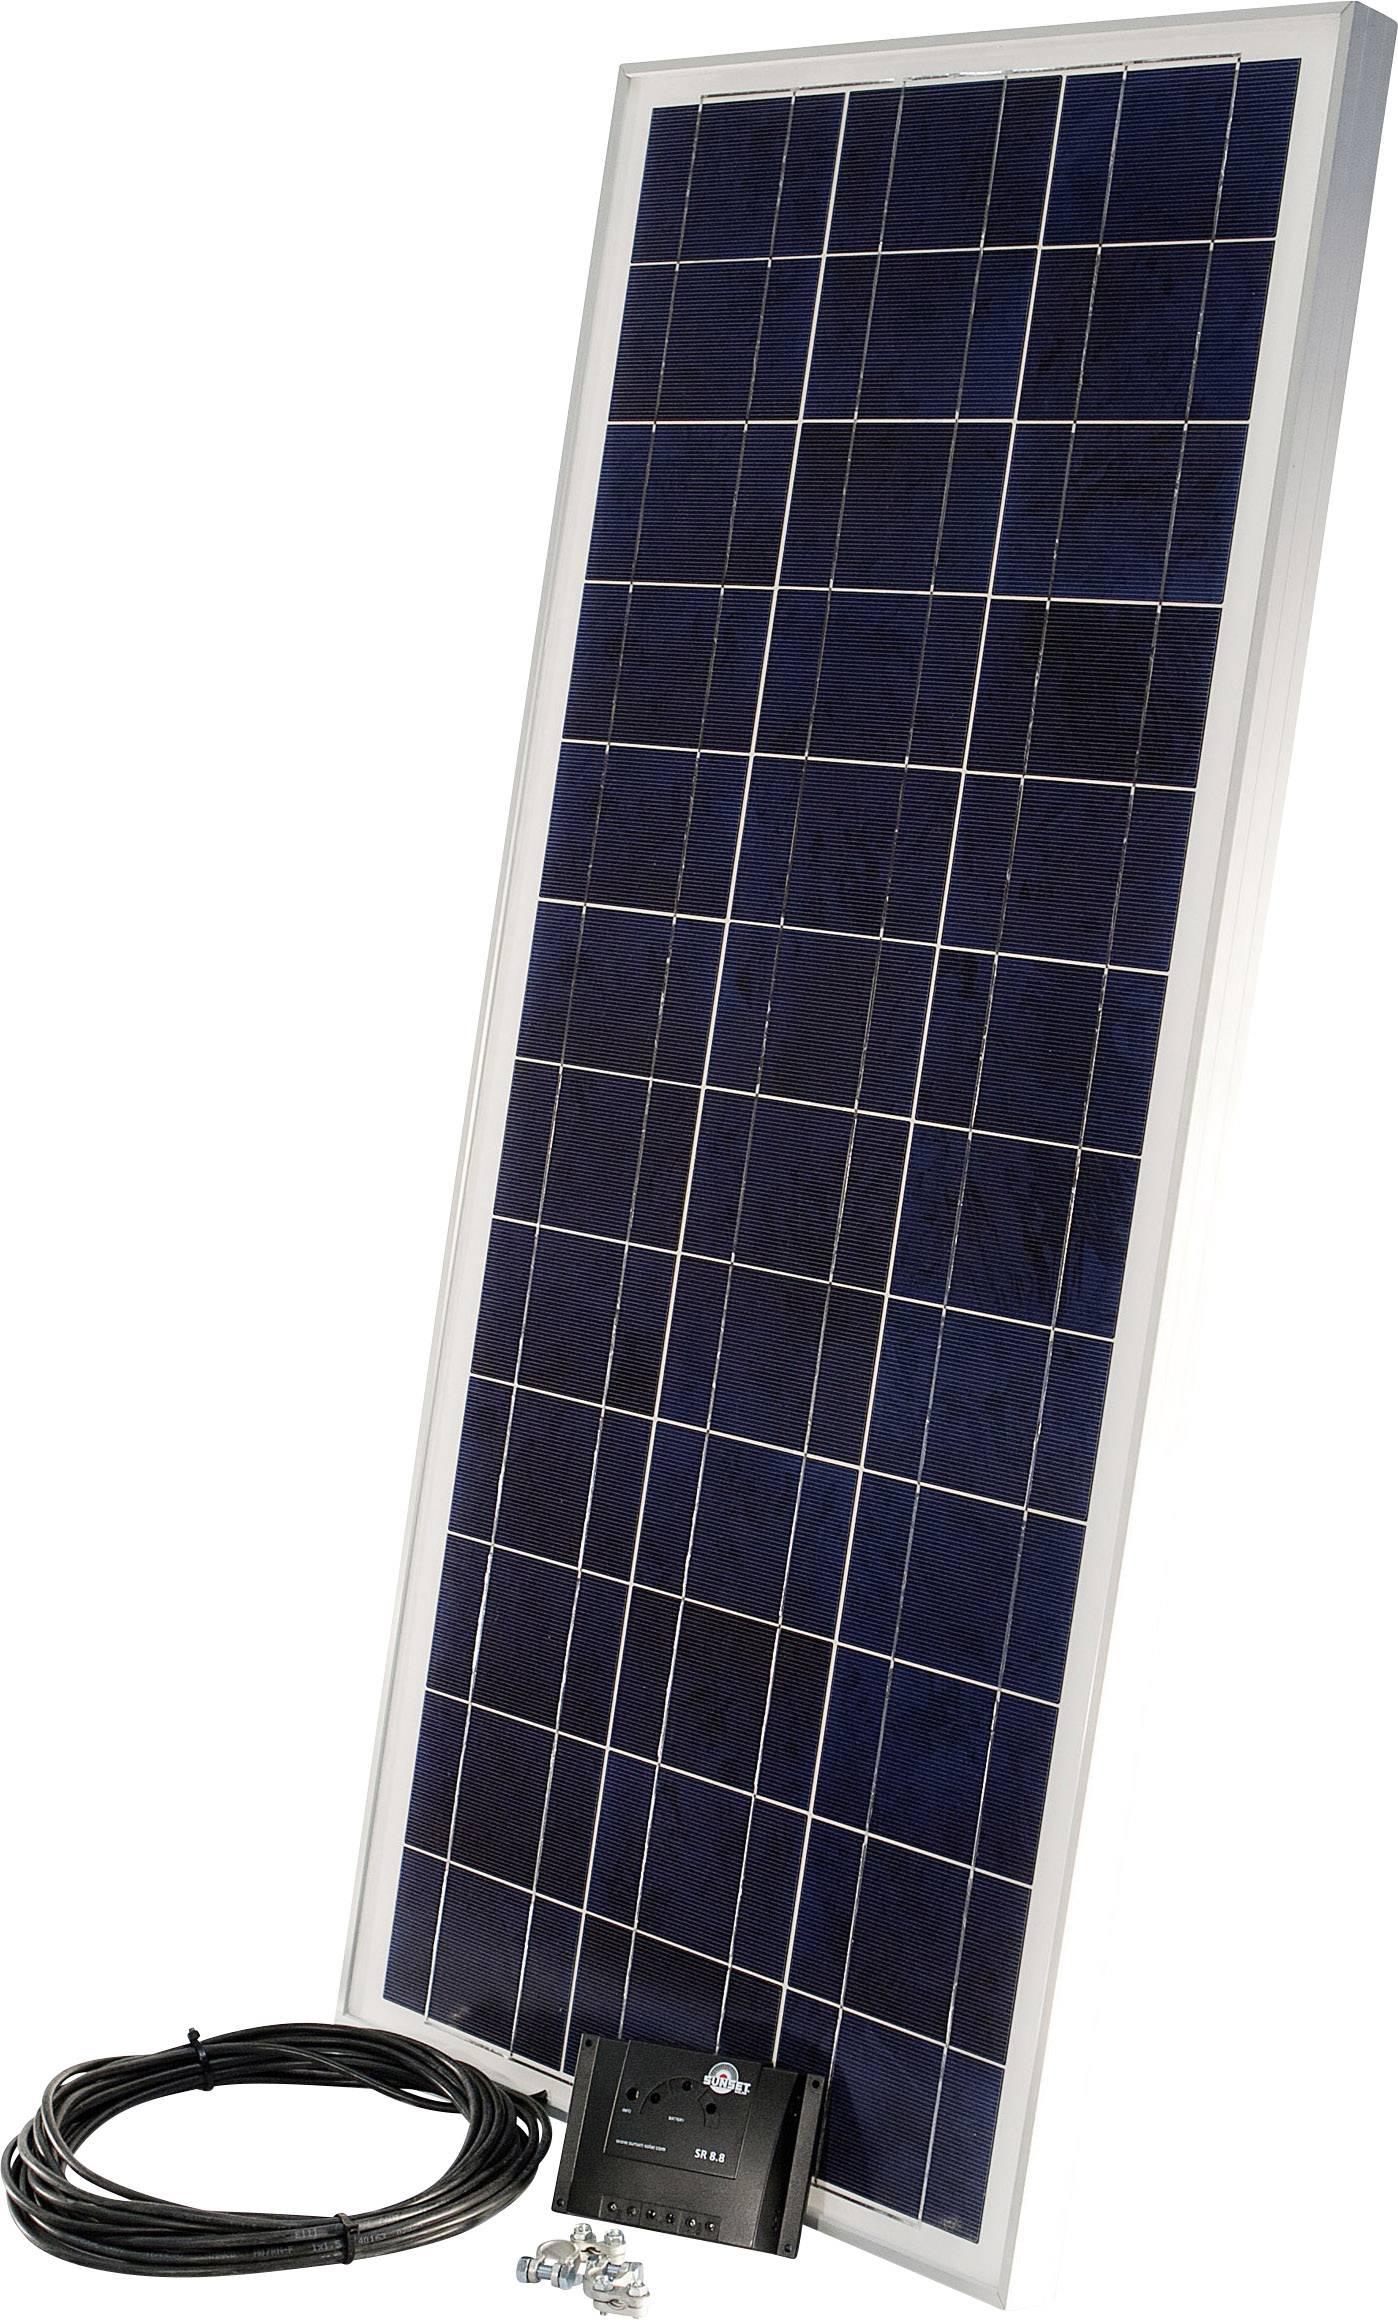 Polykrystalické solární sady Sunset PX 85, 12V